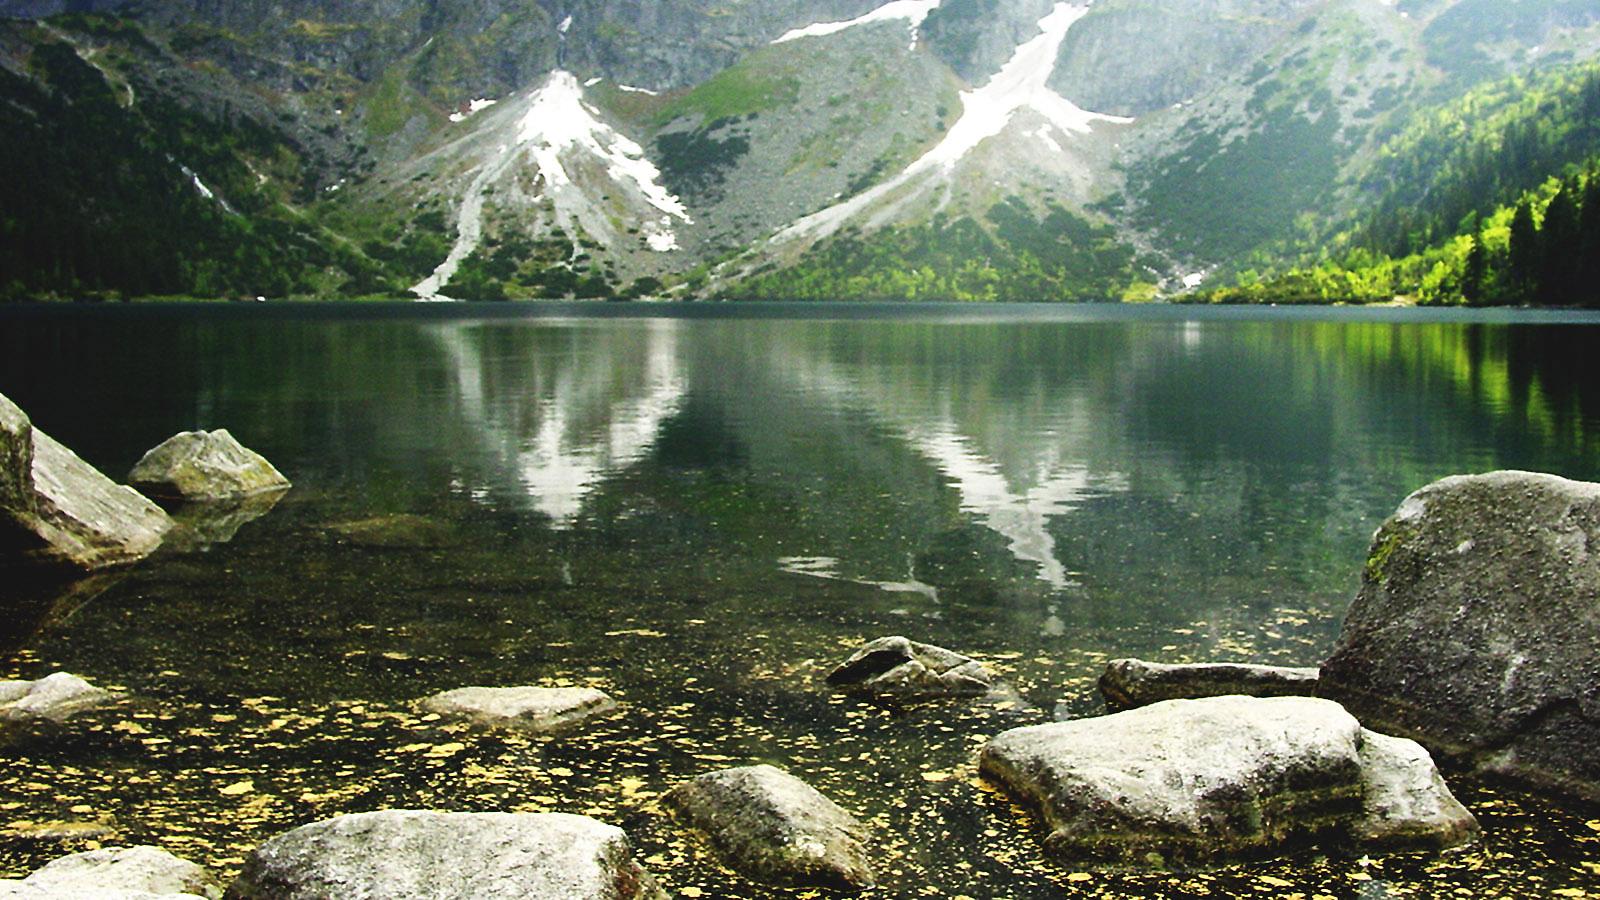 Hohe Tatra: Morskie Oko, das Meeresauge: Hat der 34 Hektar große Bergsee auf 1.393 Meter Höhe eine unterirdische Verbindung zum Meer? Foto: Hilke Maunder